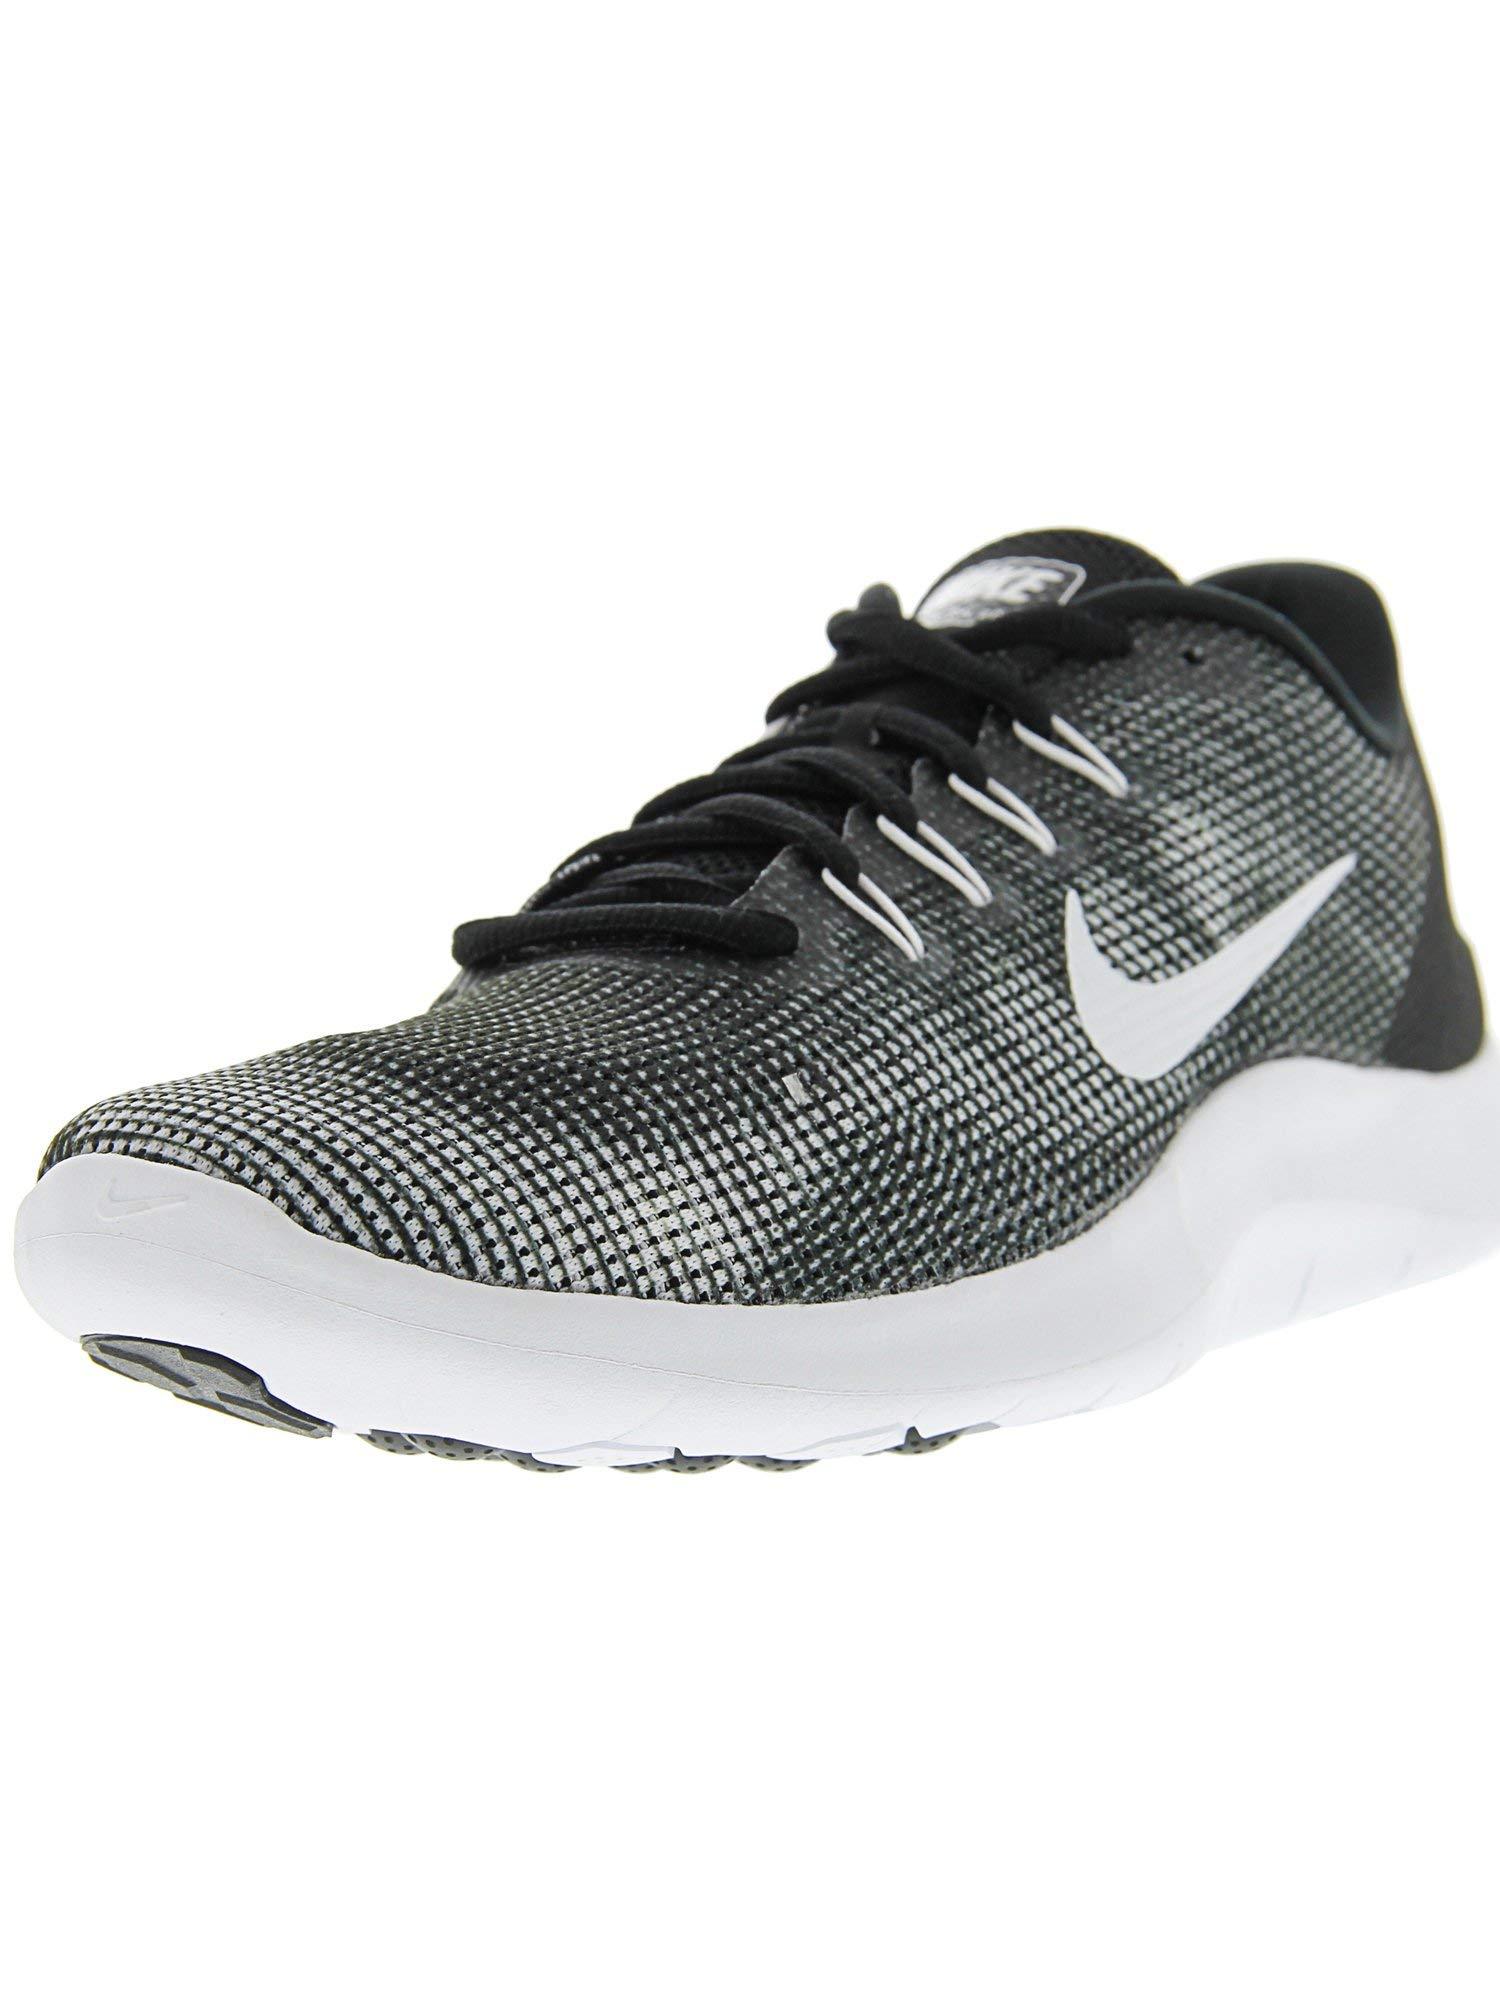 buy popular a0bb7 e0edc NIKE Men's Flex RN 2018 Running Shoes, Black/White, 10